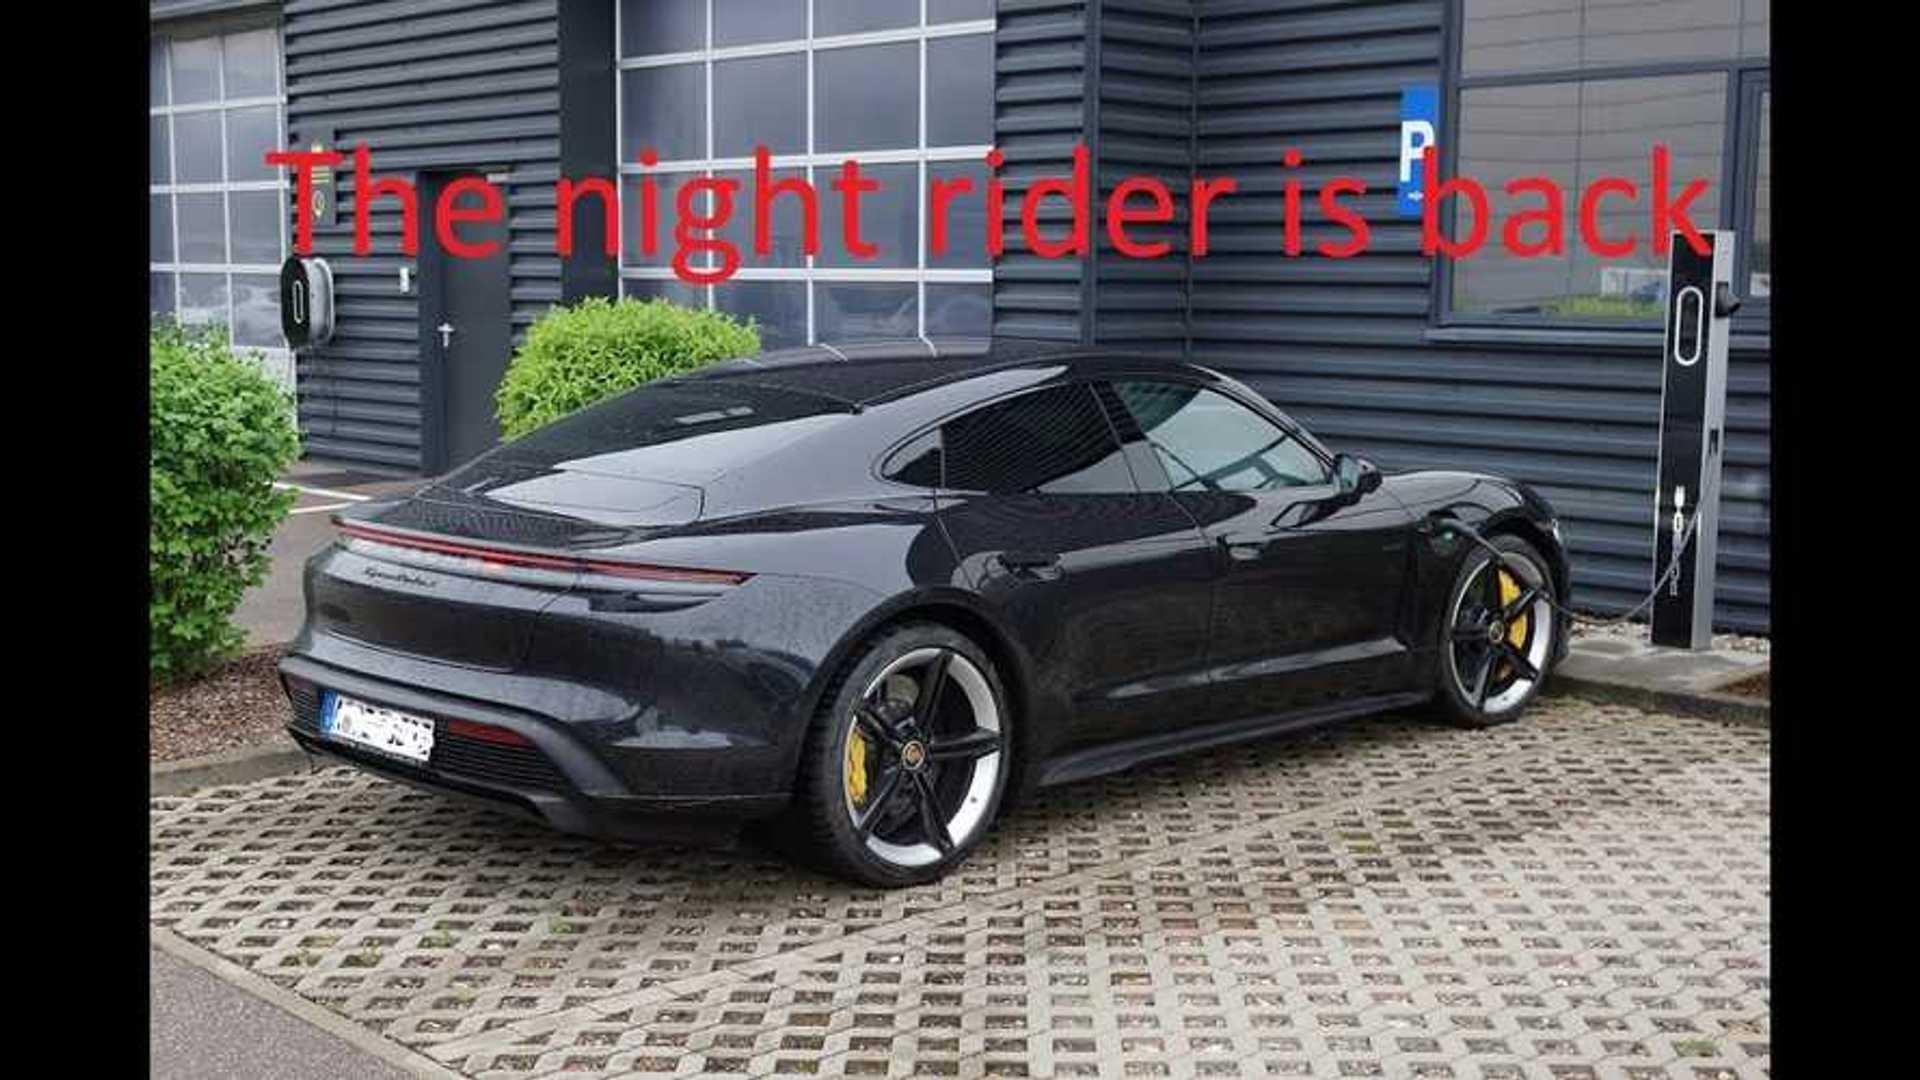 Porsche Taycan Turbo S Range Test 62 Mph 21 Inch Wheels Summer Tires